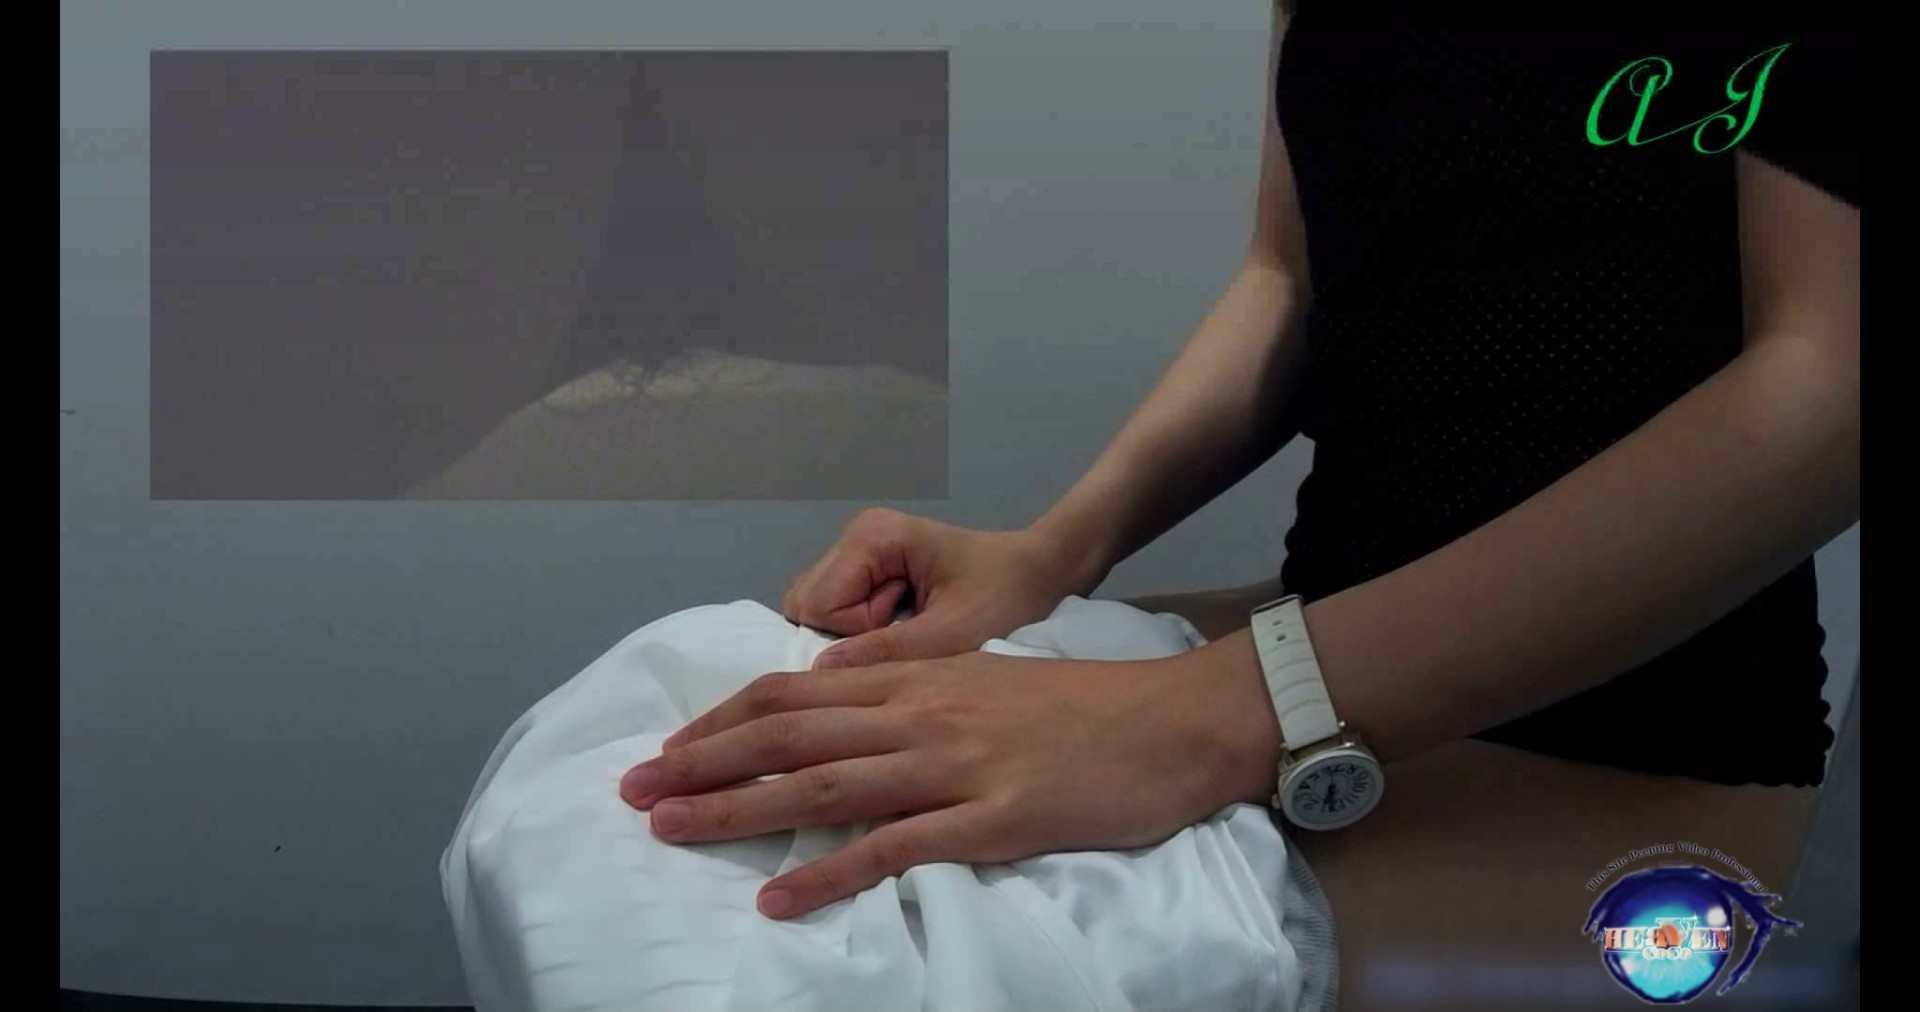 素敵なパンストお姉さん 有名大学女性洗面所 vol.73 投稿 おめこ無修正動画無料 72画像 59